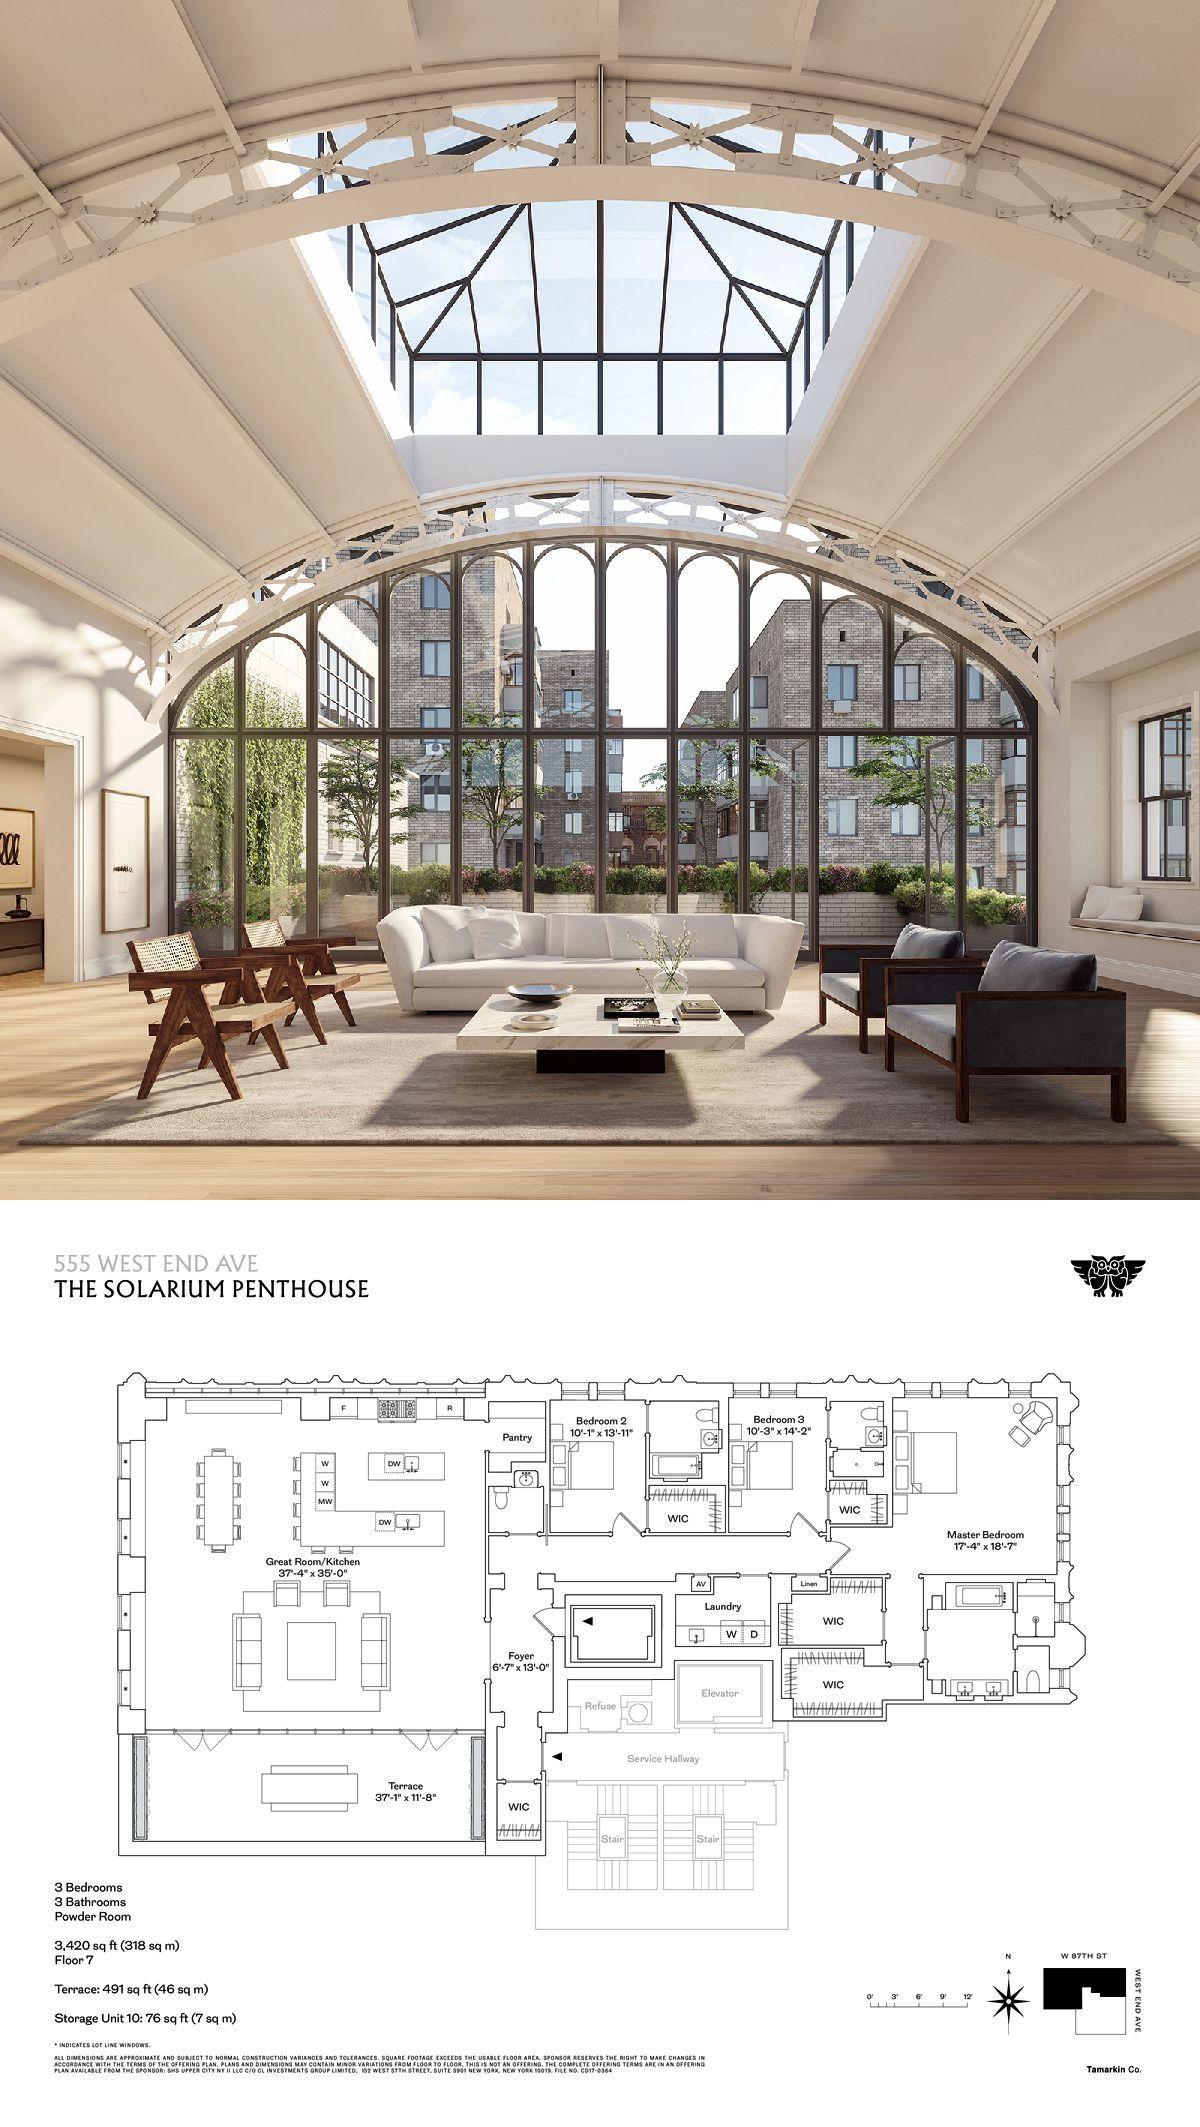 555 West End Avenue The Solarium Penthouse Penthouse Apartment Floor Plan Loft Floor Plans Penthouse Apartment Interior